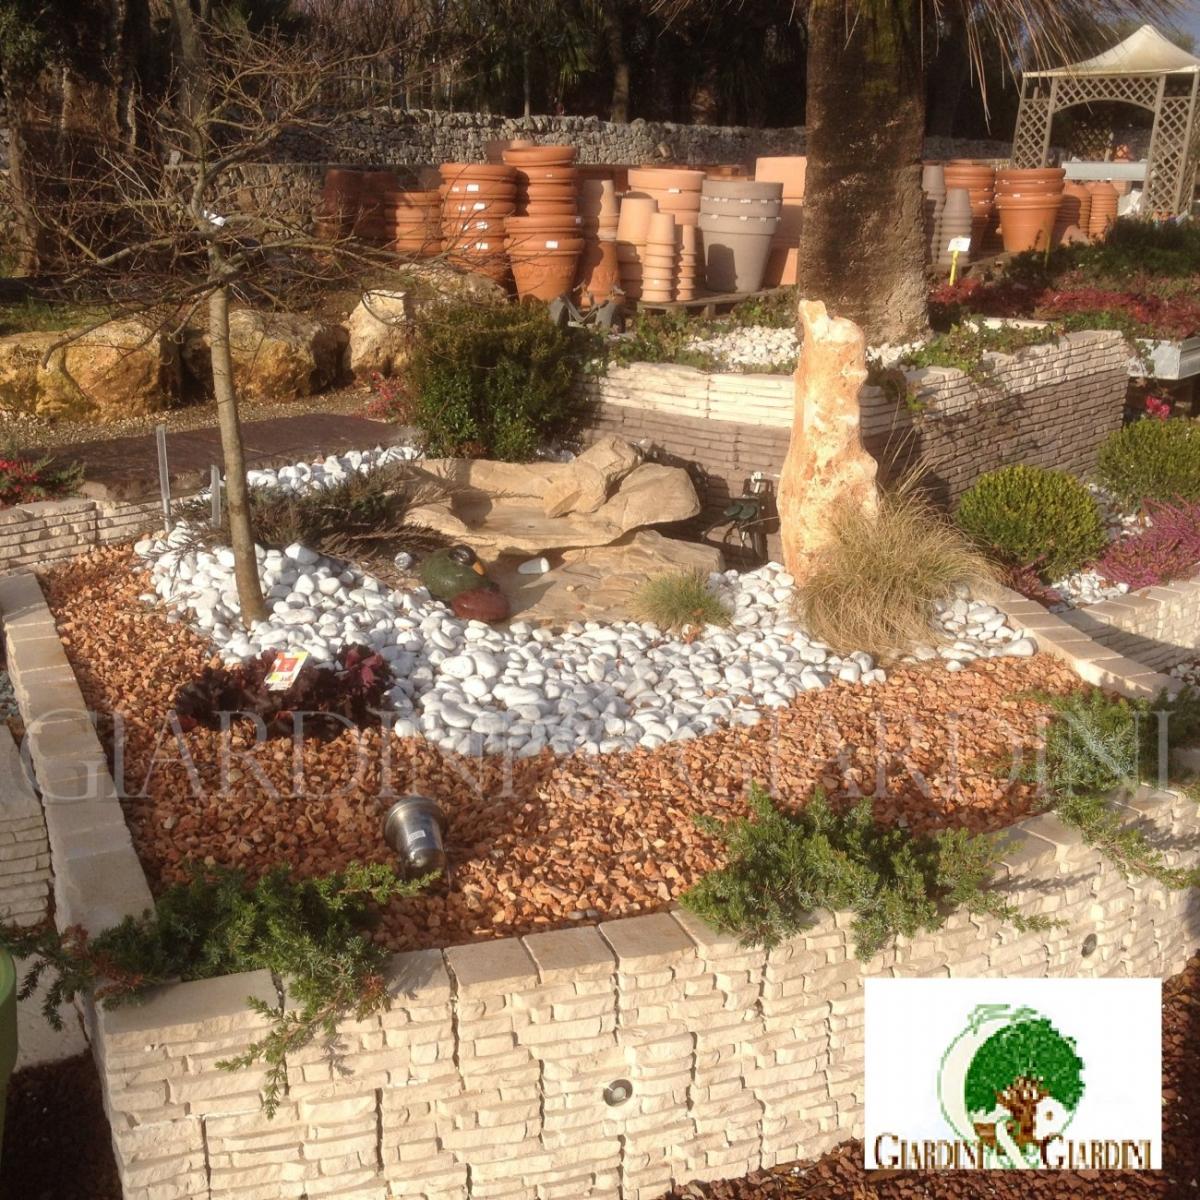 Idee per il giardino di casa in giardino idee creative - Giardino di casa idee ...